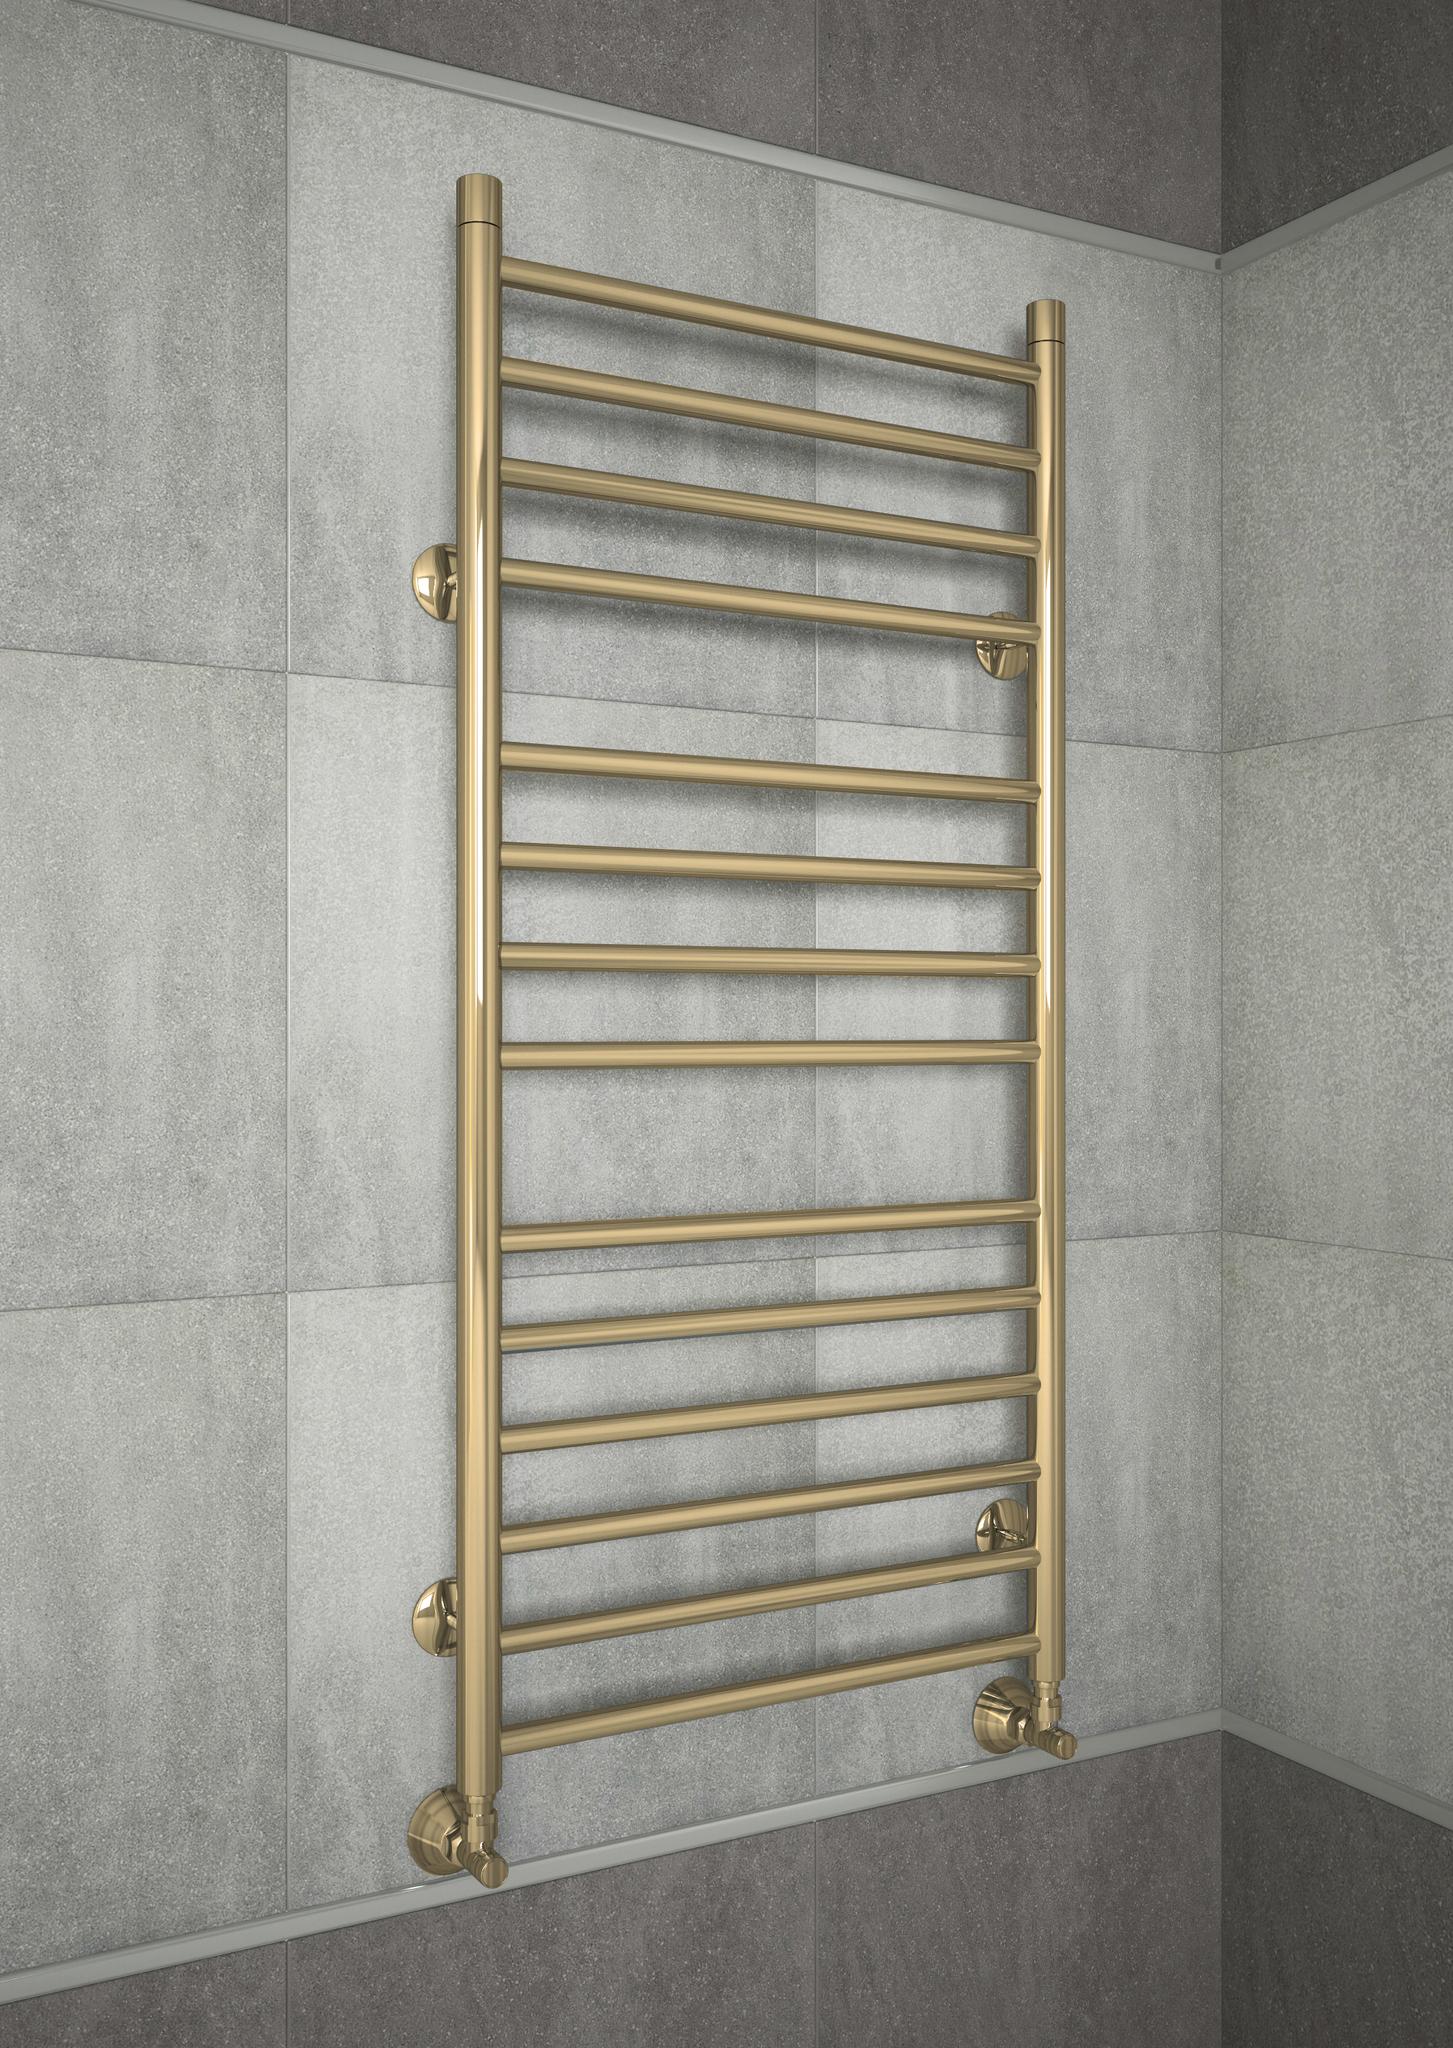 Avrora - бронзовый водяной полотенцесушитель с прямыми перекладинами.